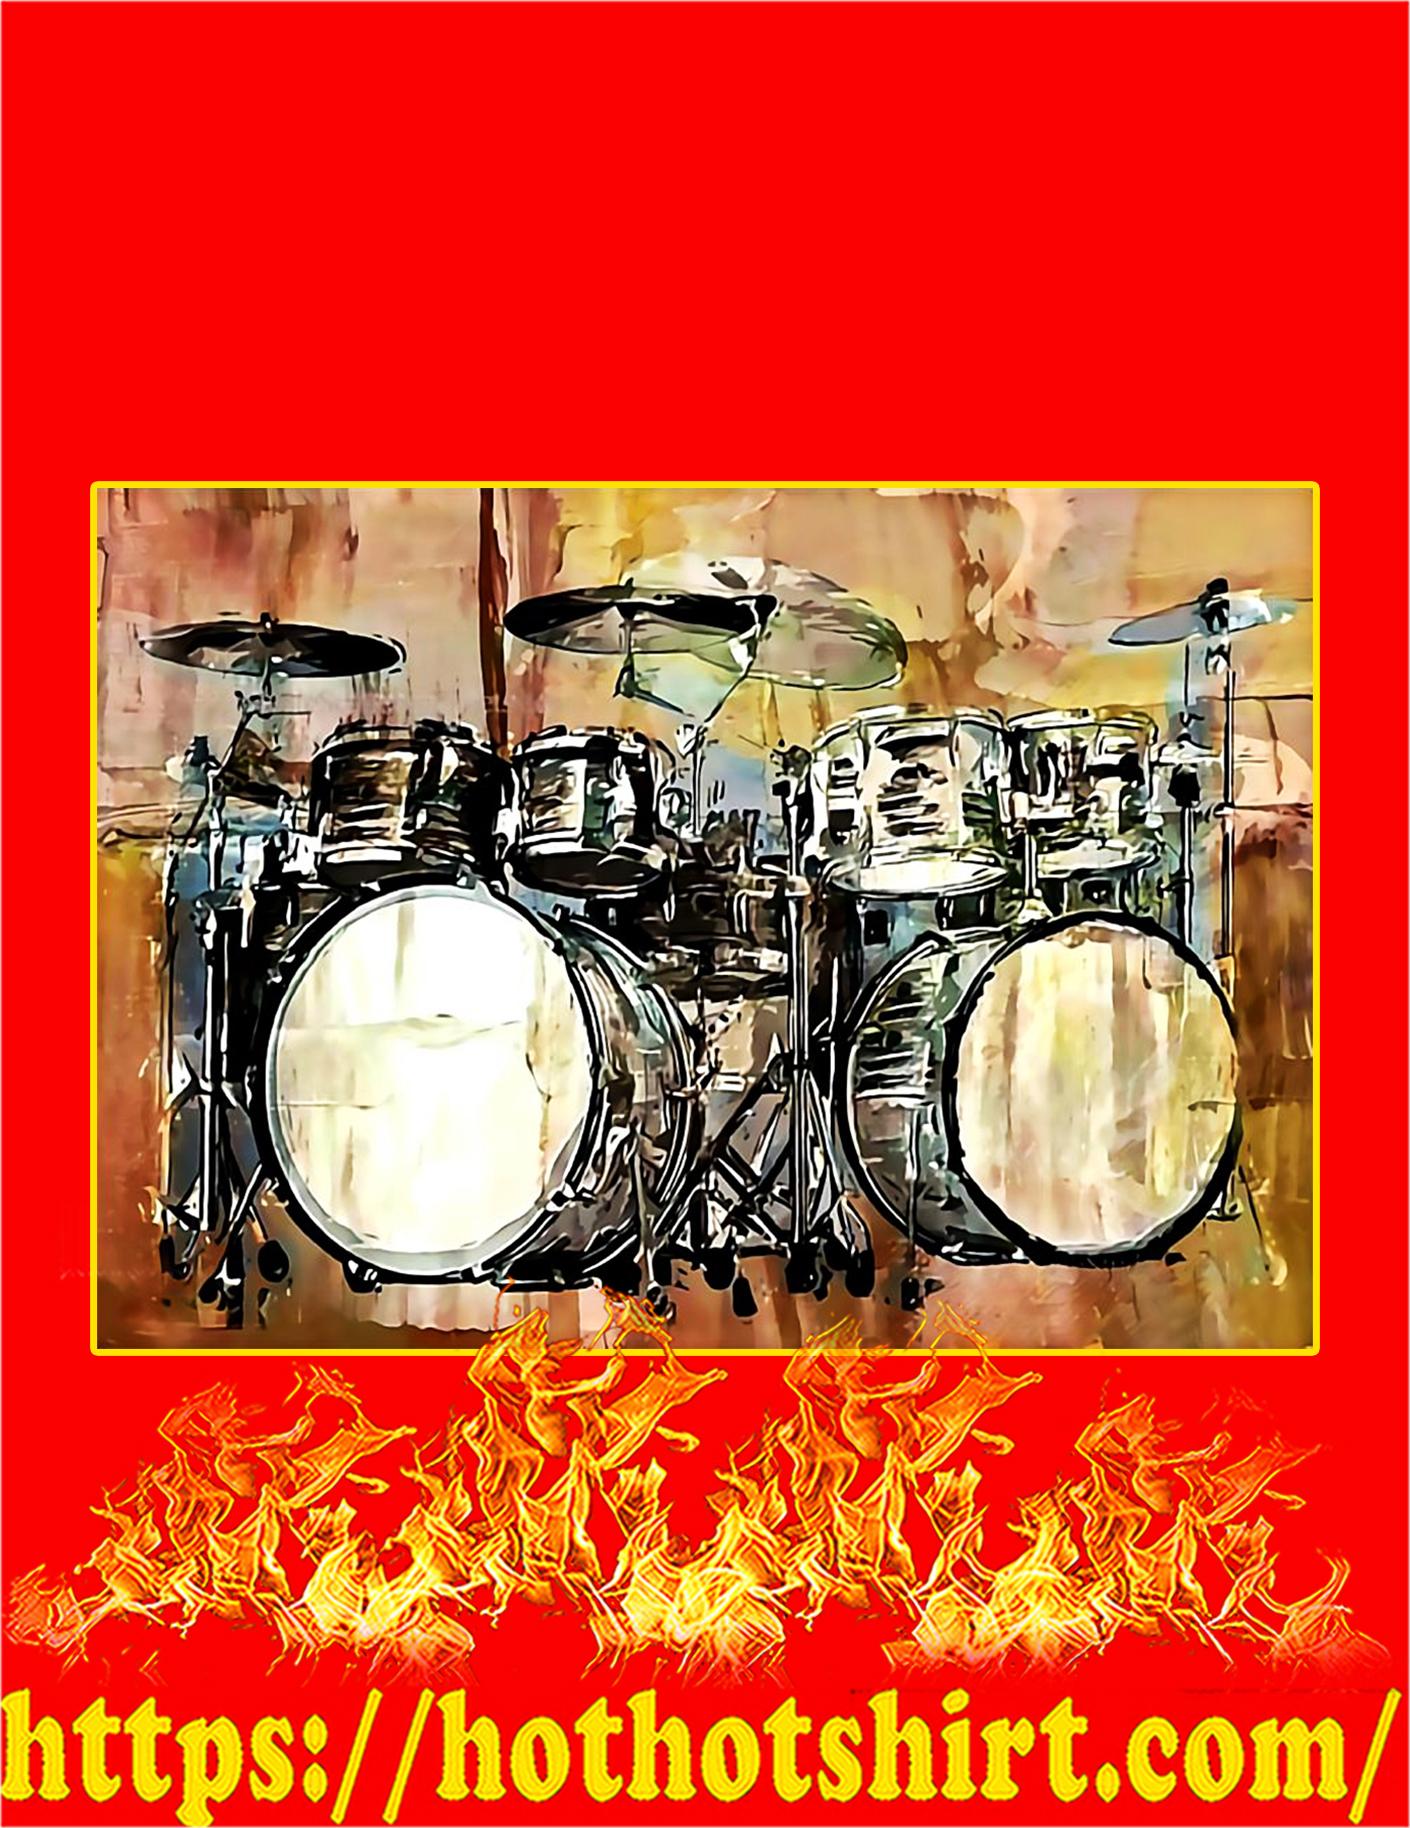 Drummer Vintage Drum Set Poster - A4